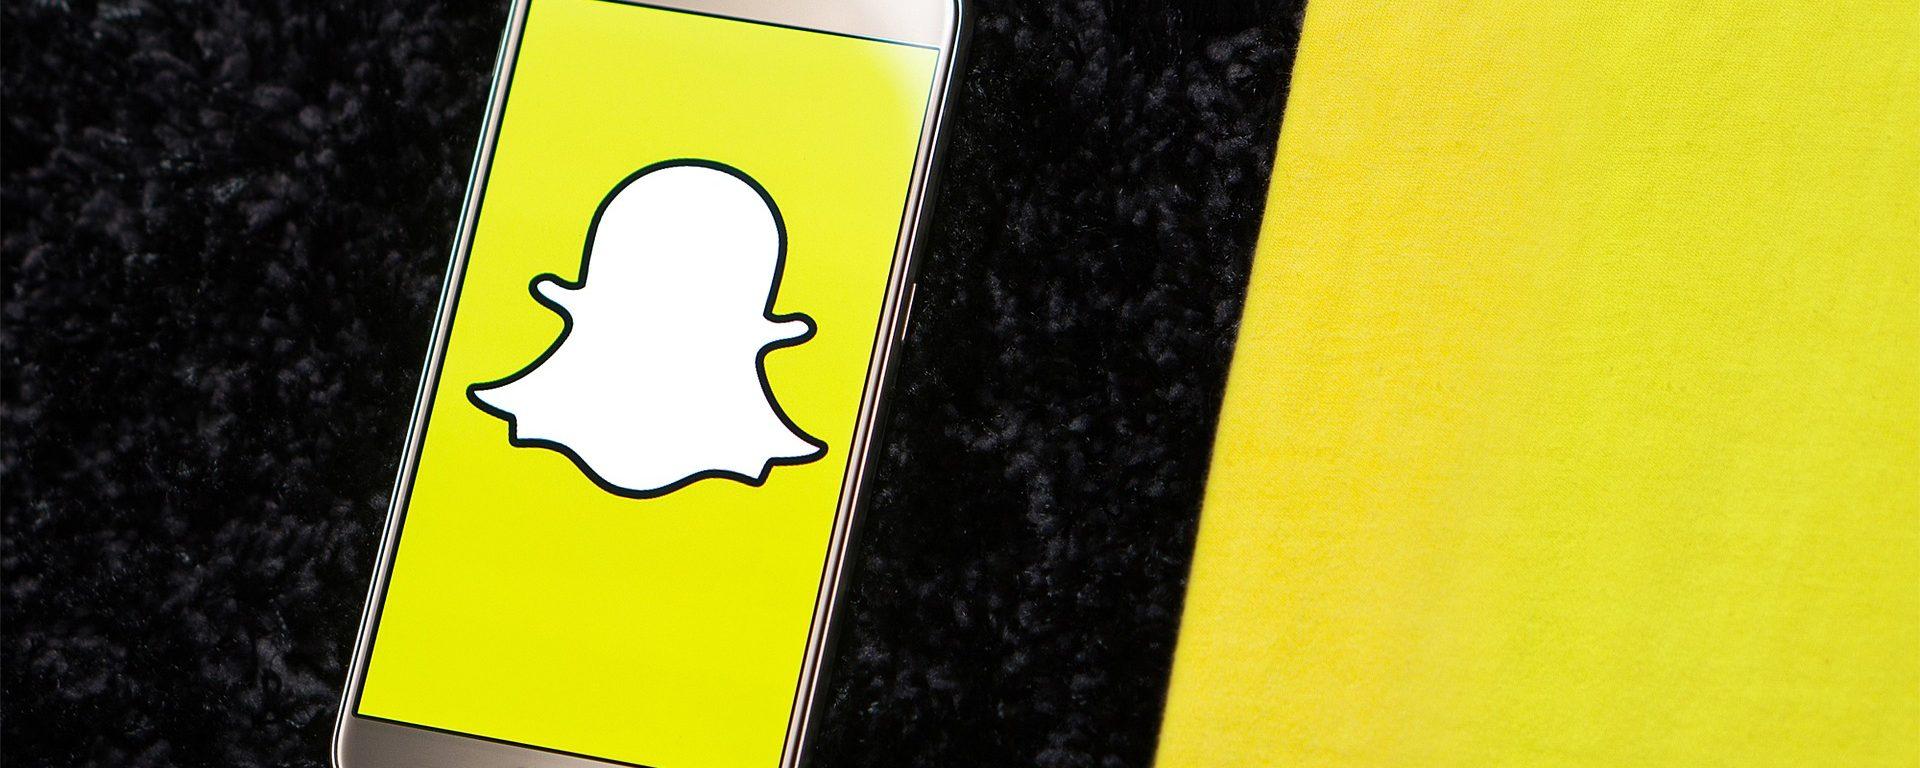 Snapchat: aumentano i ricavi pubblicitari ma gli utenti diminuiscono